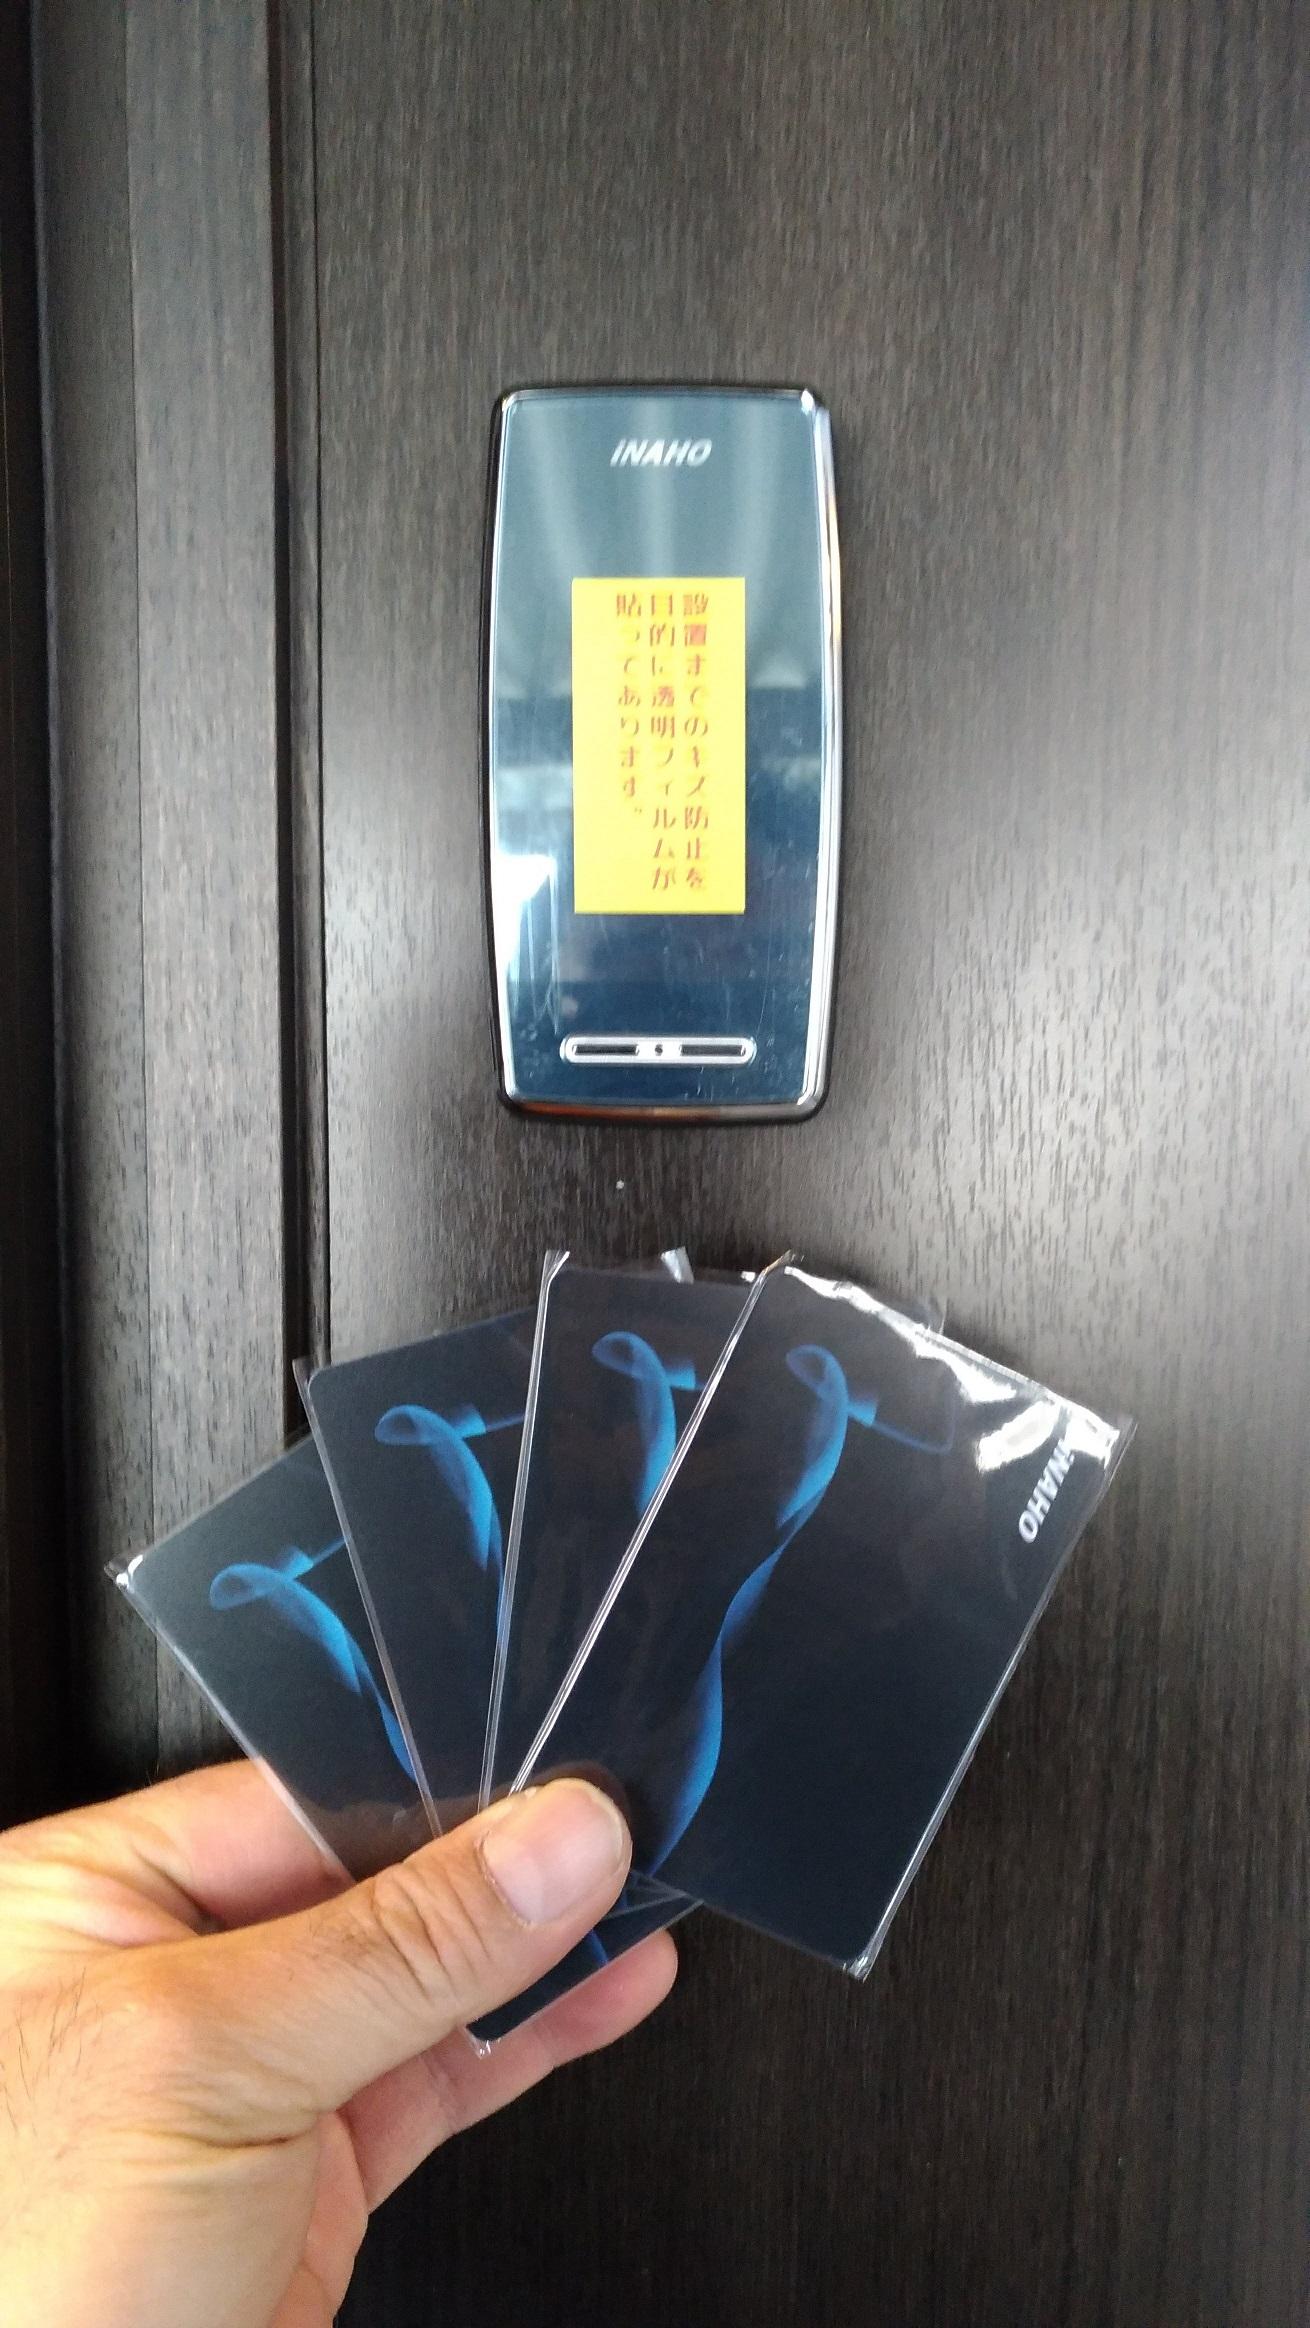 ICカード4枚付きです。他にもおさいふケータイ・nanaco(ナナコ)・manaca(マナカ)なども登録可能です。